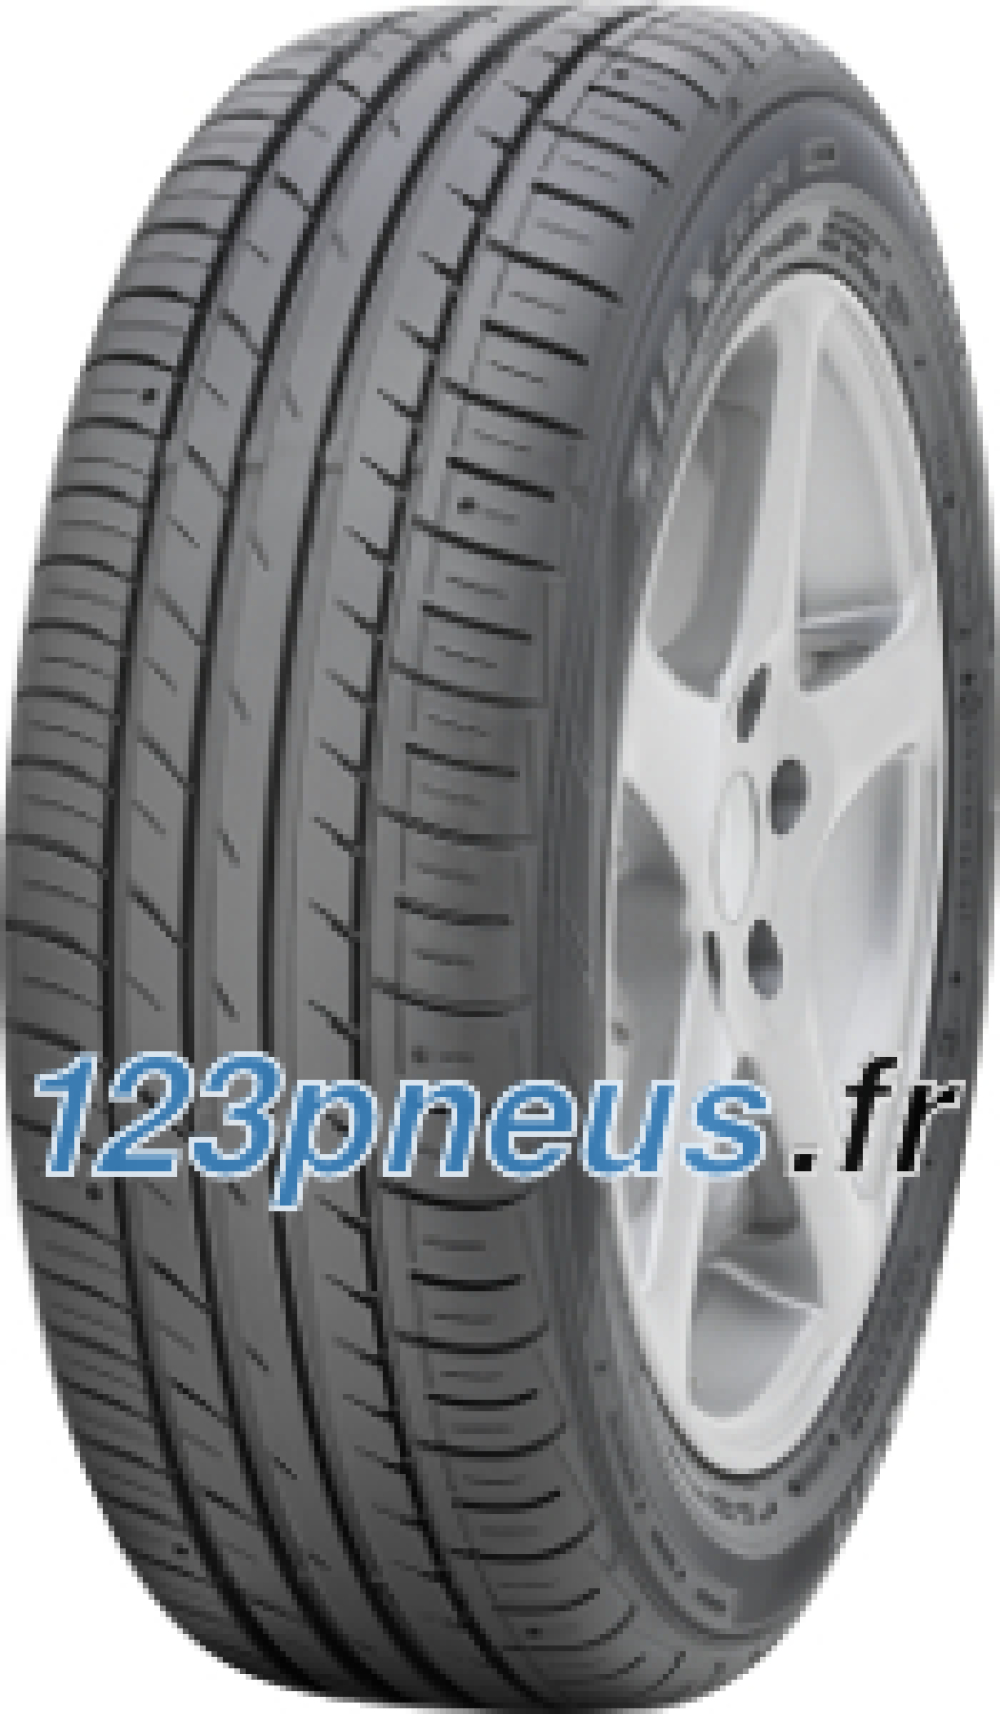 Falken Ziex Ze914a